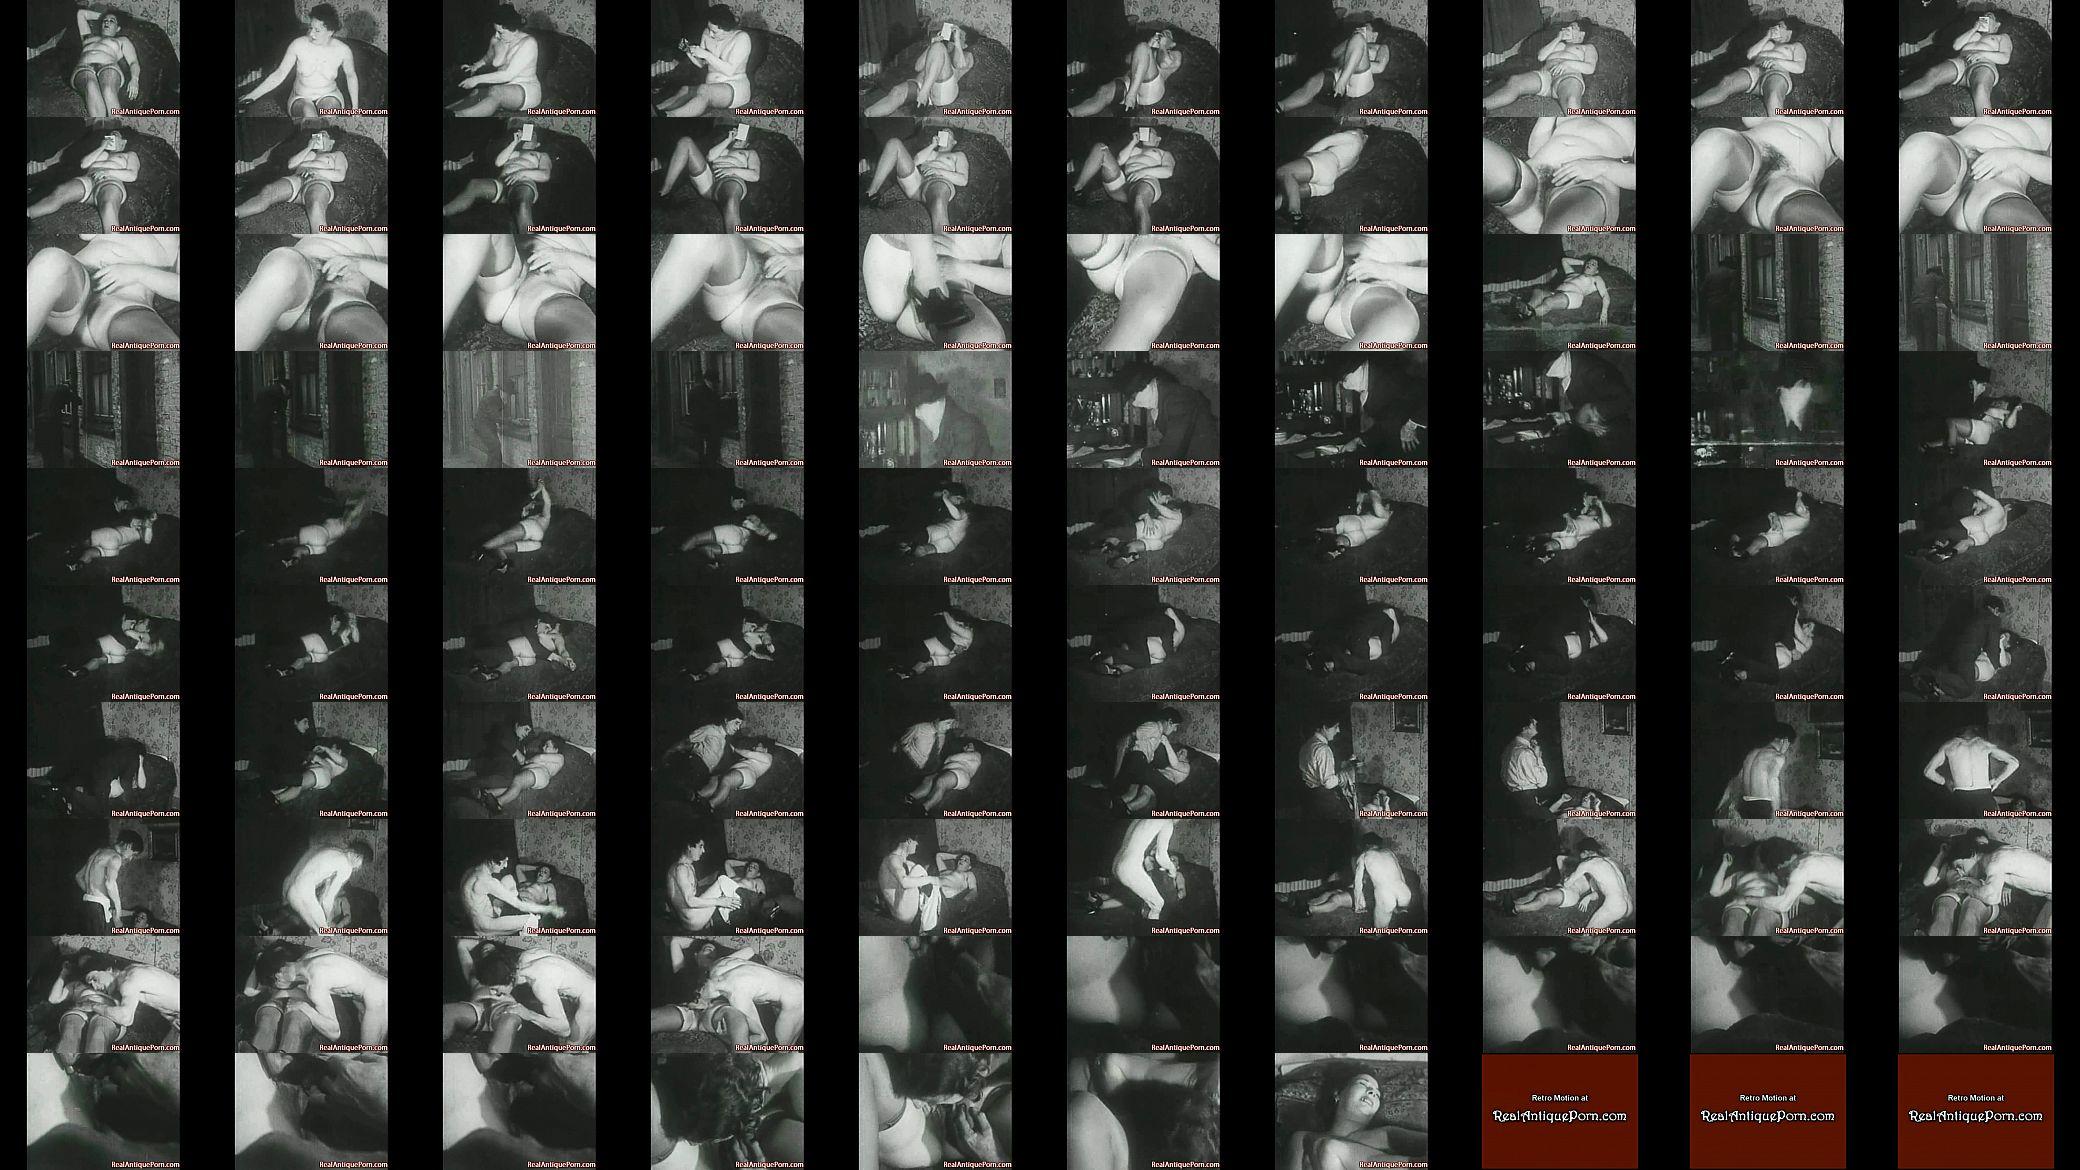 1910s Porn Anal - 1920 Classic Porn: The Robber! - XNXX.COM